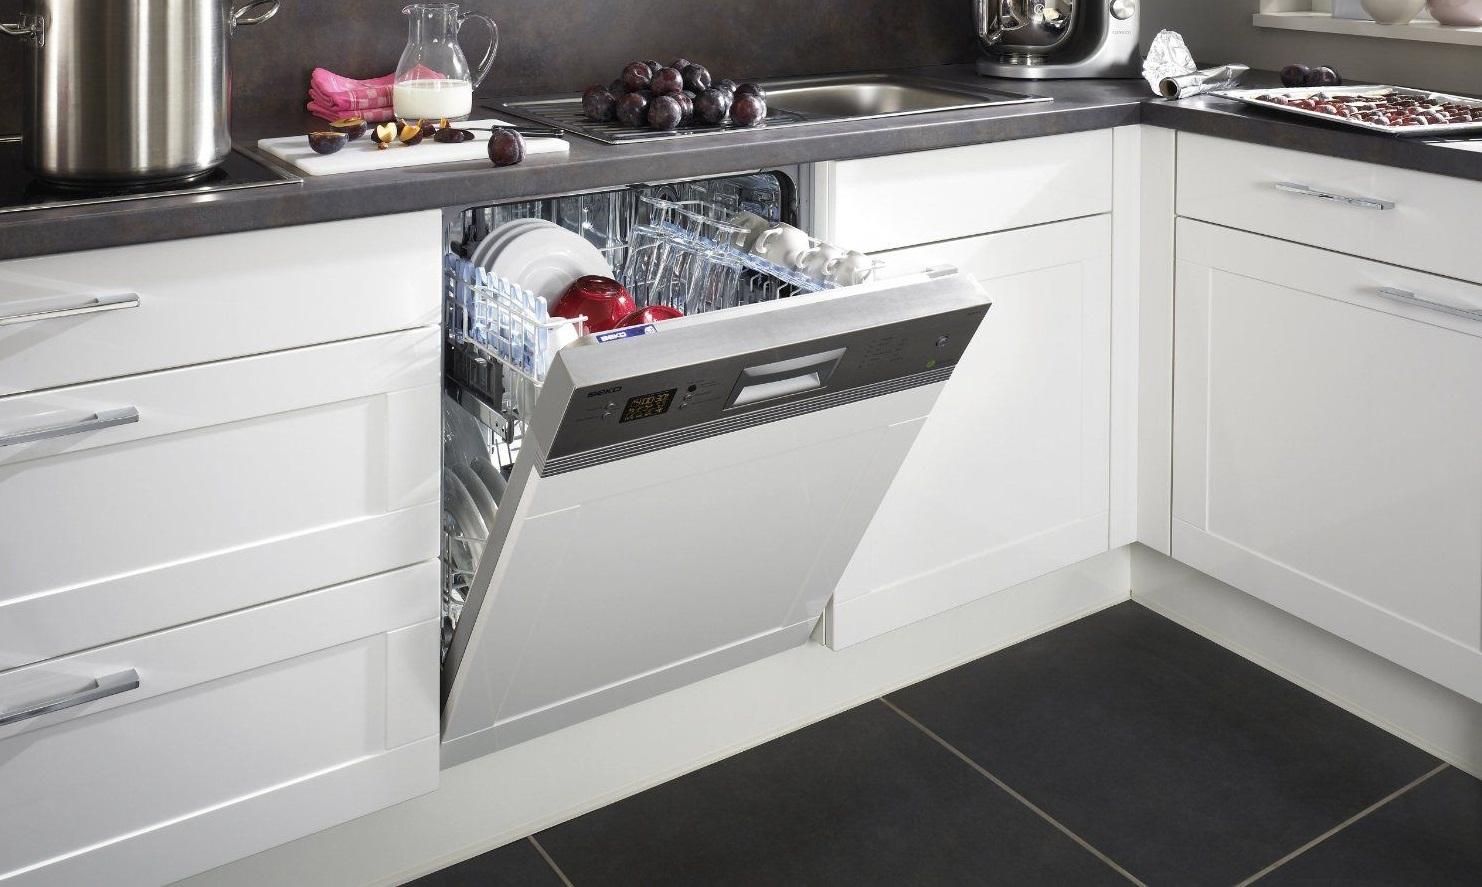 Топ-9 посудомоечных машин beko: рейтинг 2019-2020 года, плюсы и минусы, технические характеристики и отзывы